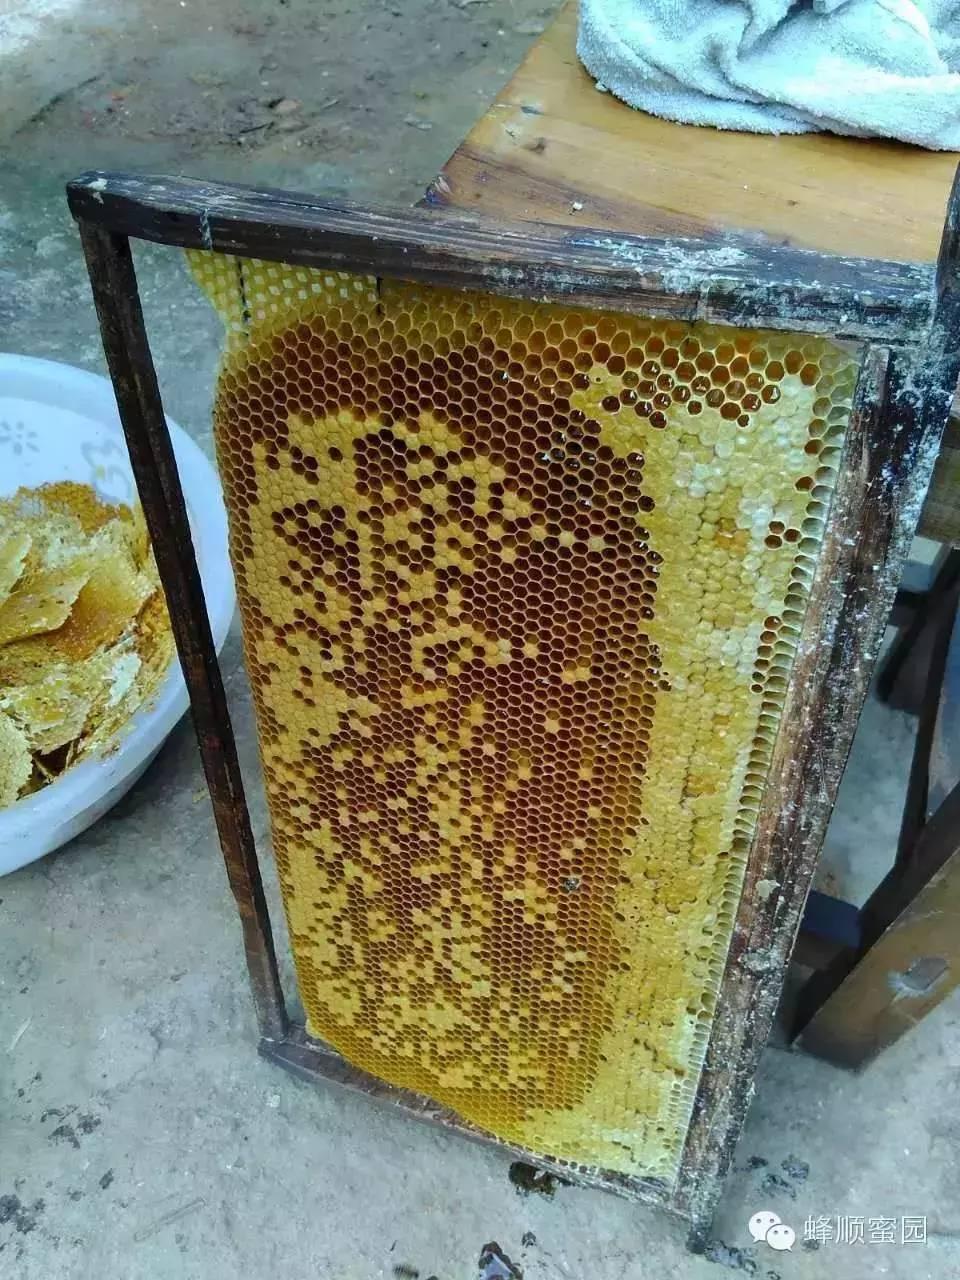 抗氧化性 生姜蜂蜜茶 蜂蜜功效 喝蜂蜜水的最佳时间 首乌